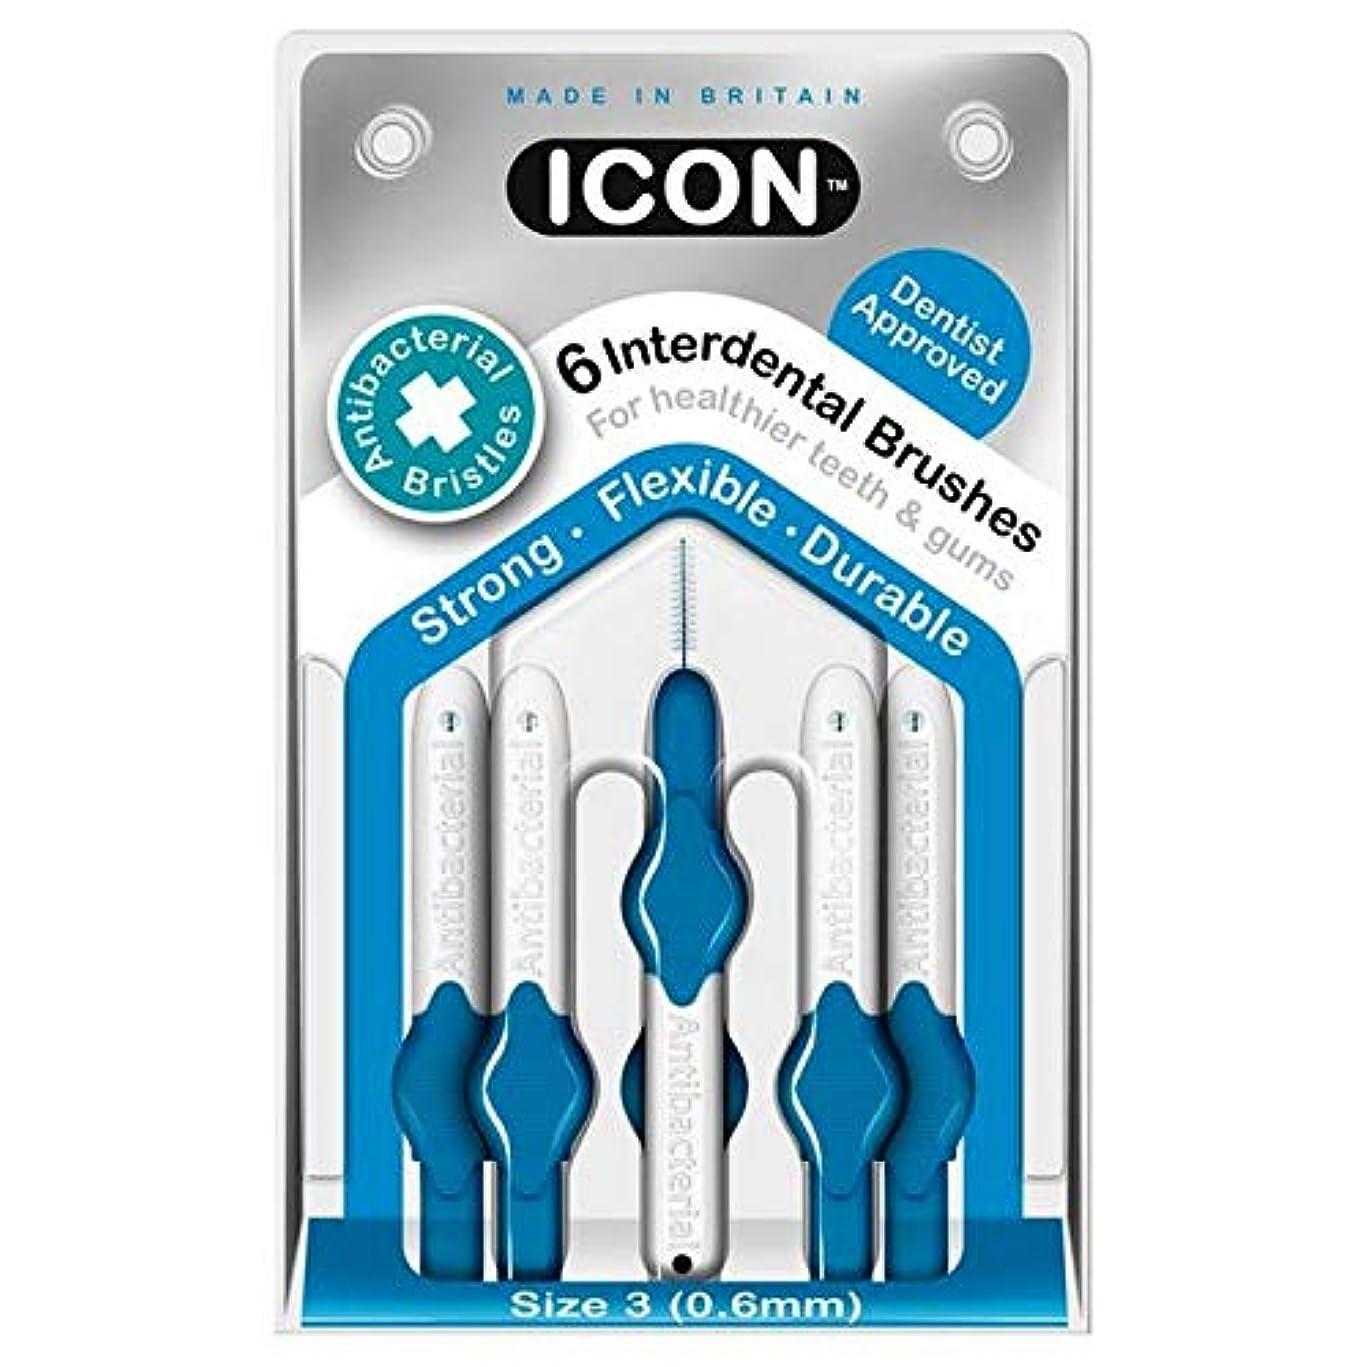 属性アコードステープル[Icon ] アイコンの歯間には、パックあたり0.6ミリメートル6ブラシ - Icon Interdental Brushes 0.6mm 6 per pack [並行輸入品]